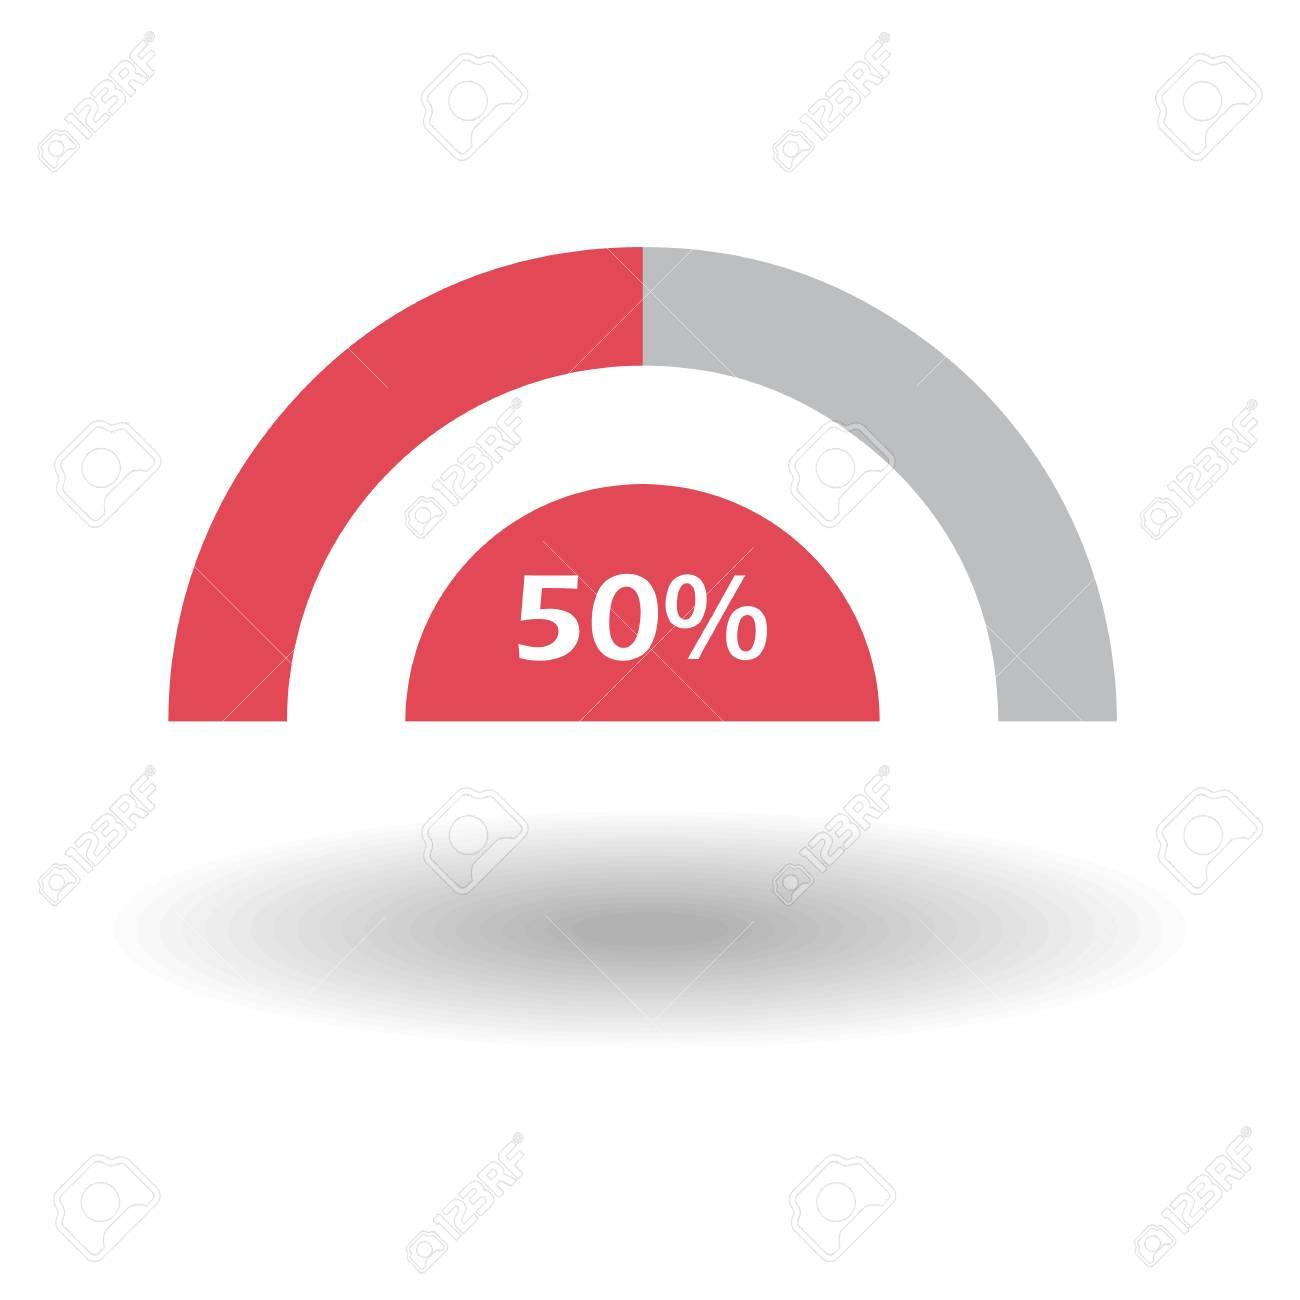 Vorlage Geschäft Bunte Grafik. Pie-Halbkreis-Diagrammgraph 50% Rot ...